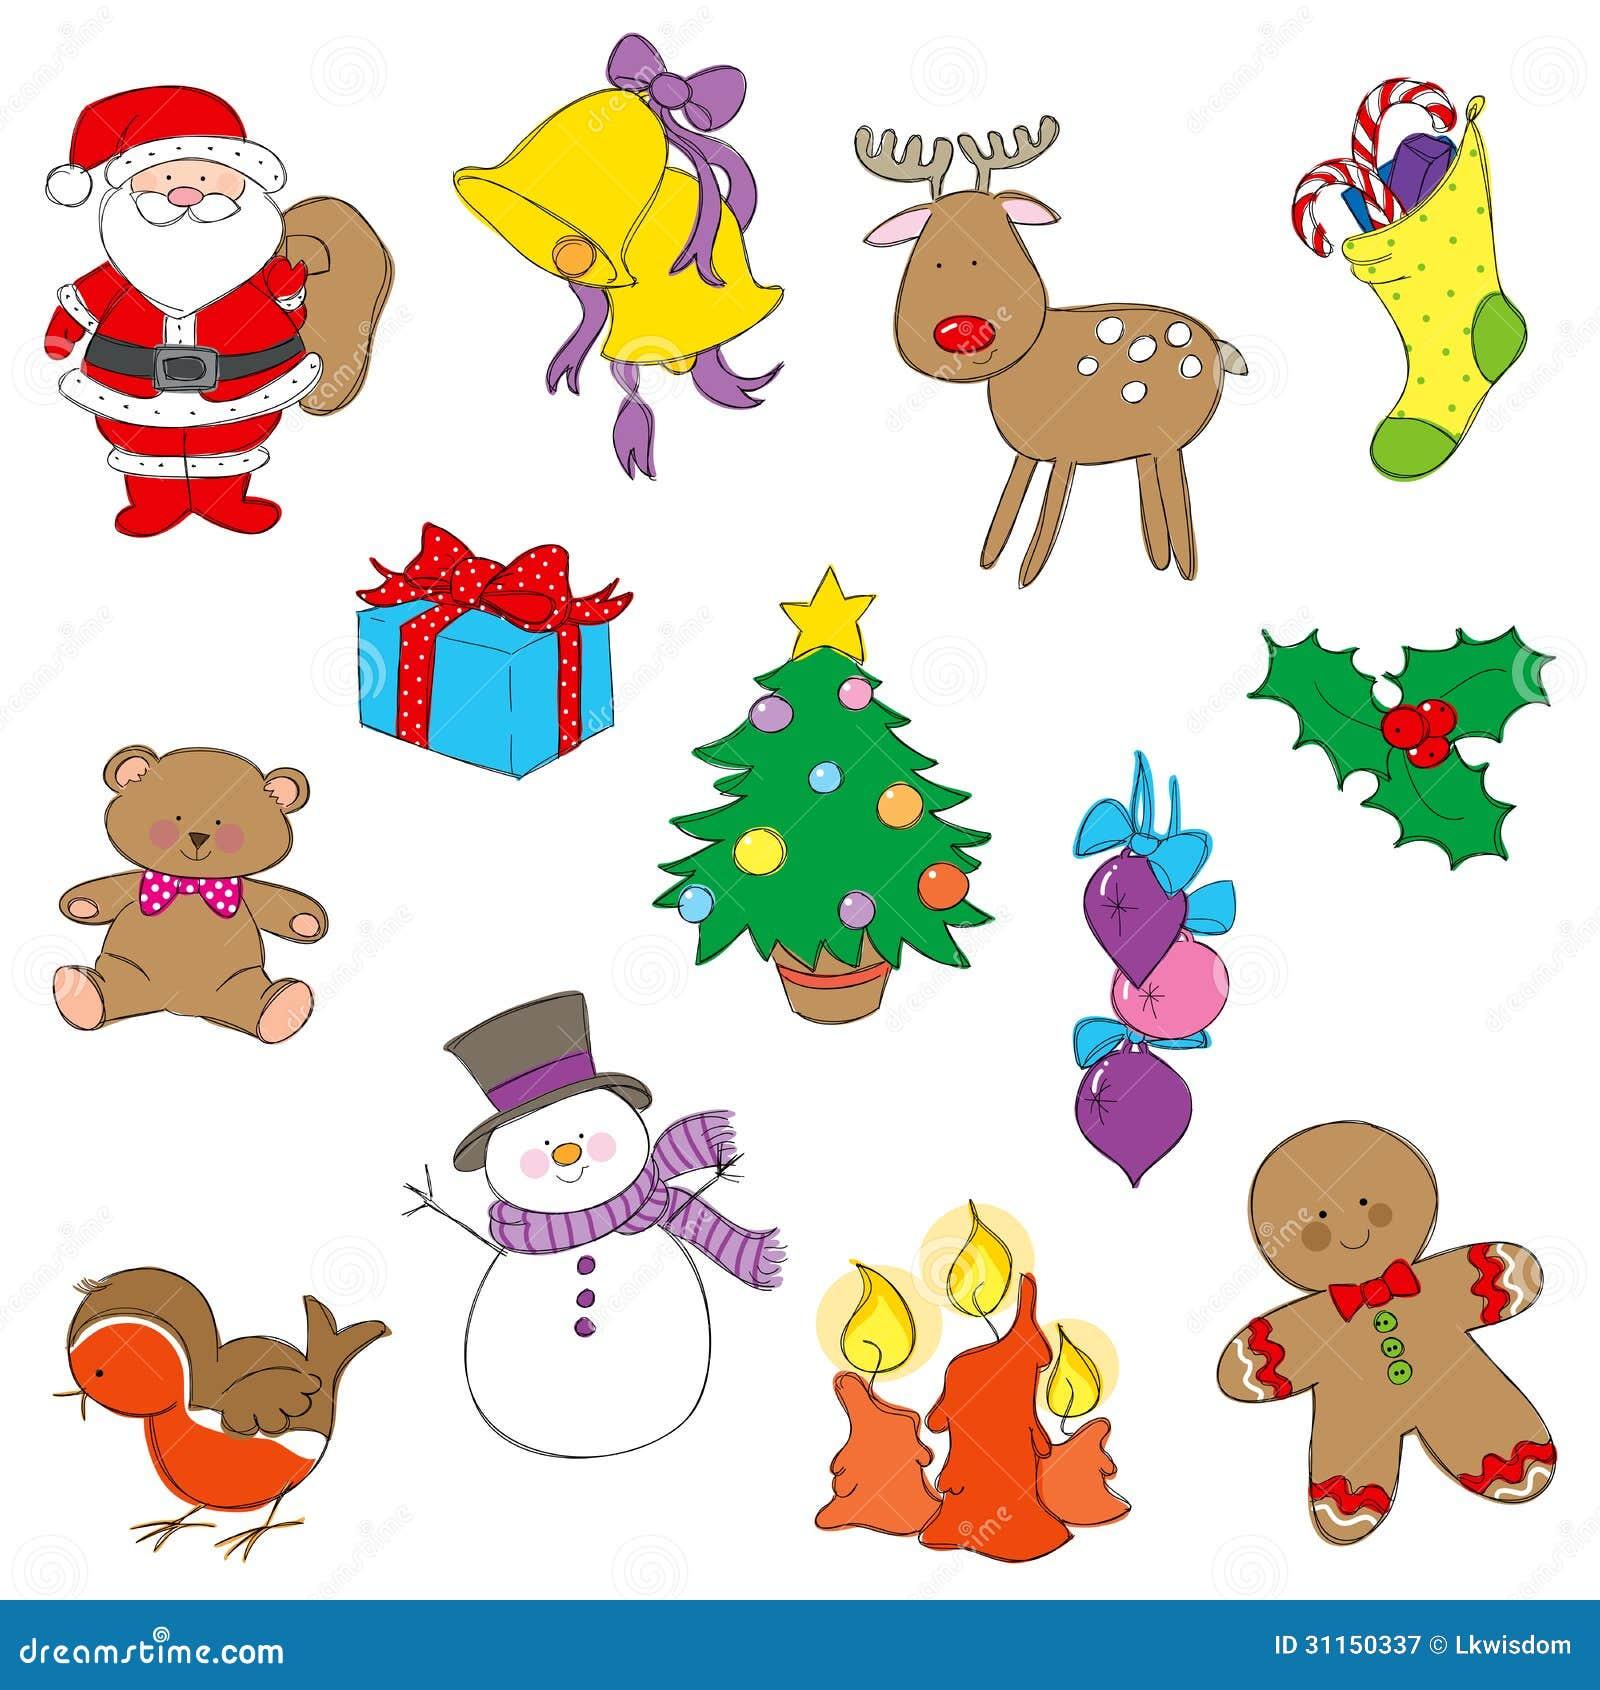 Orquesta Santa Claus Orquesta Santa Claus Con Coro Y Campanas Campanas De Navidad